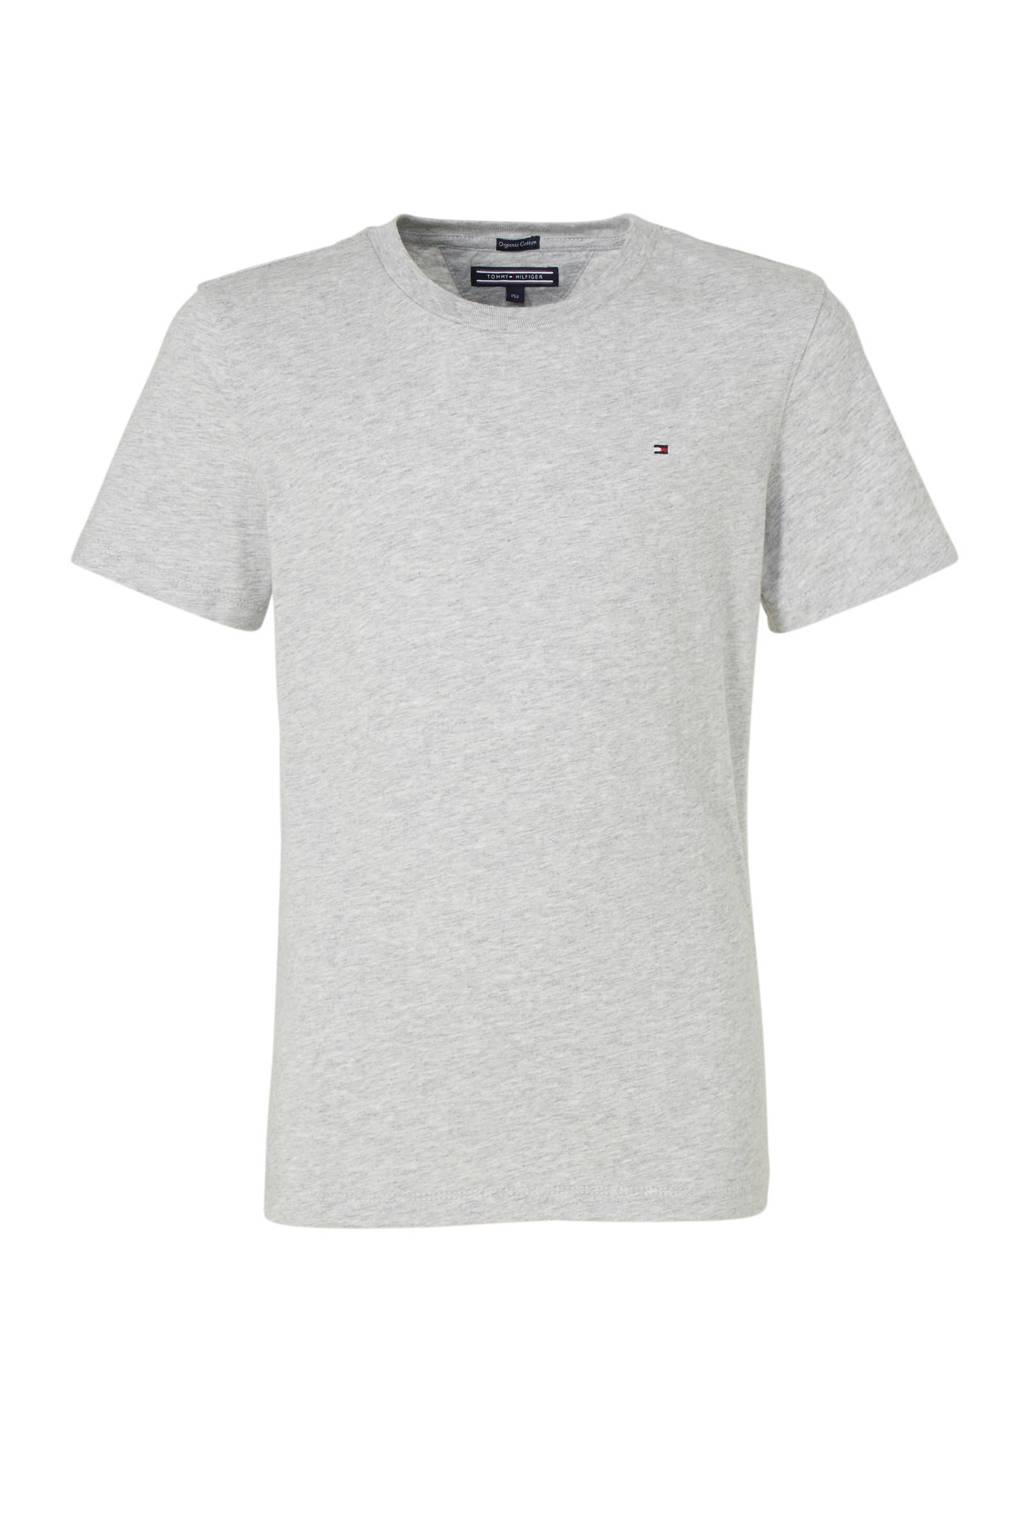 Tommy Hilfiger T-shirt grijs melange, Grijs melange